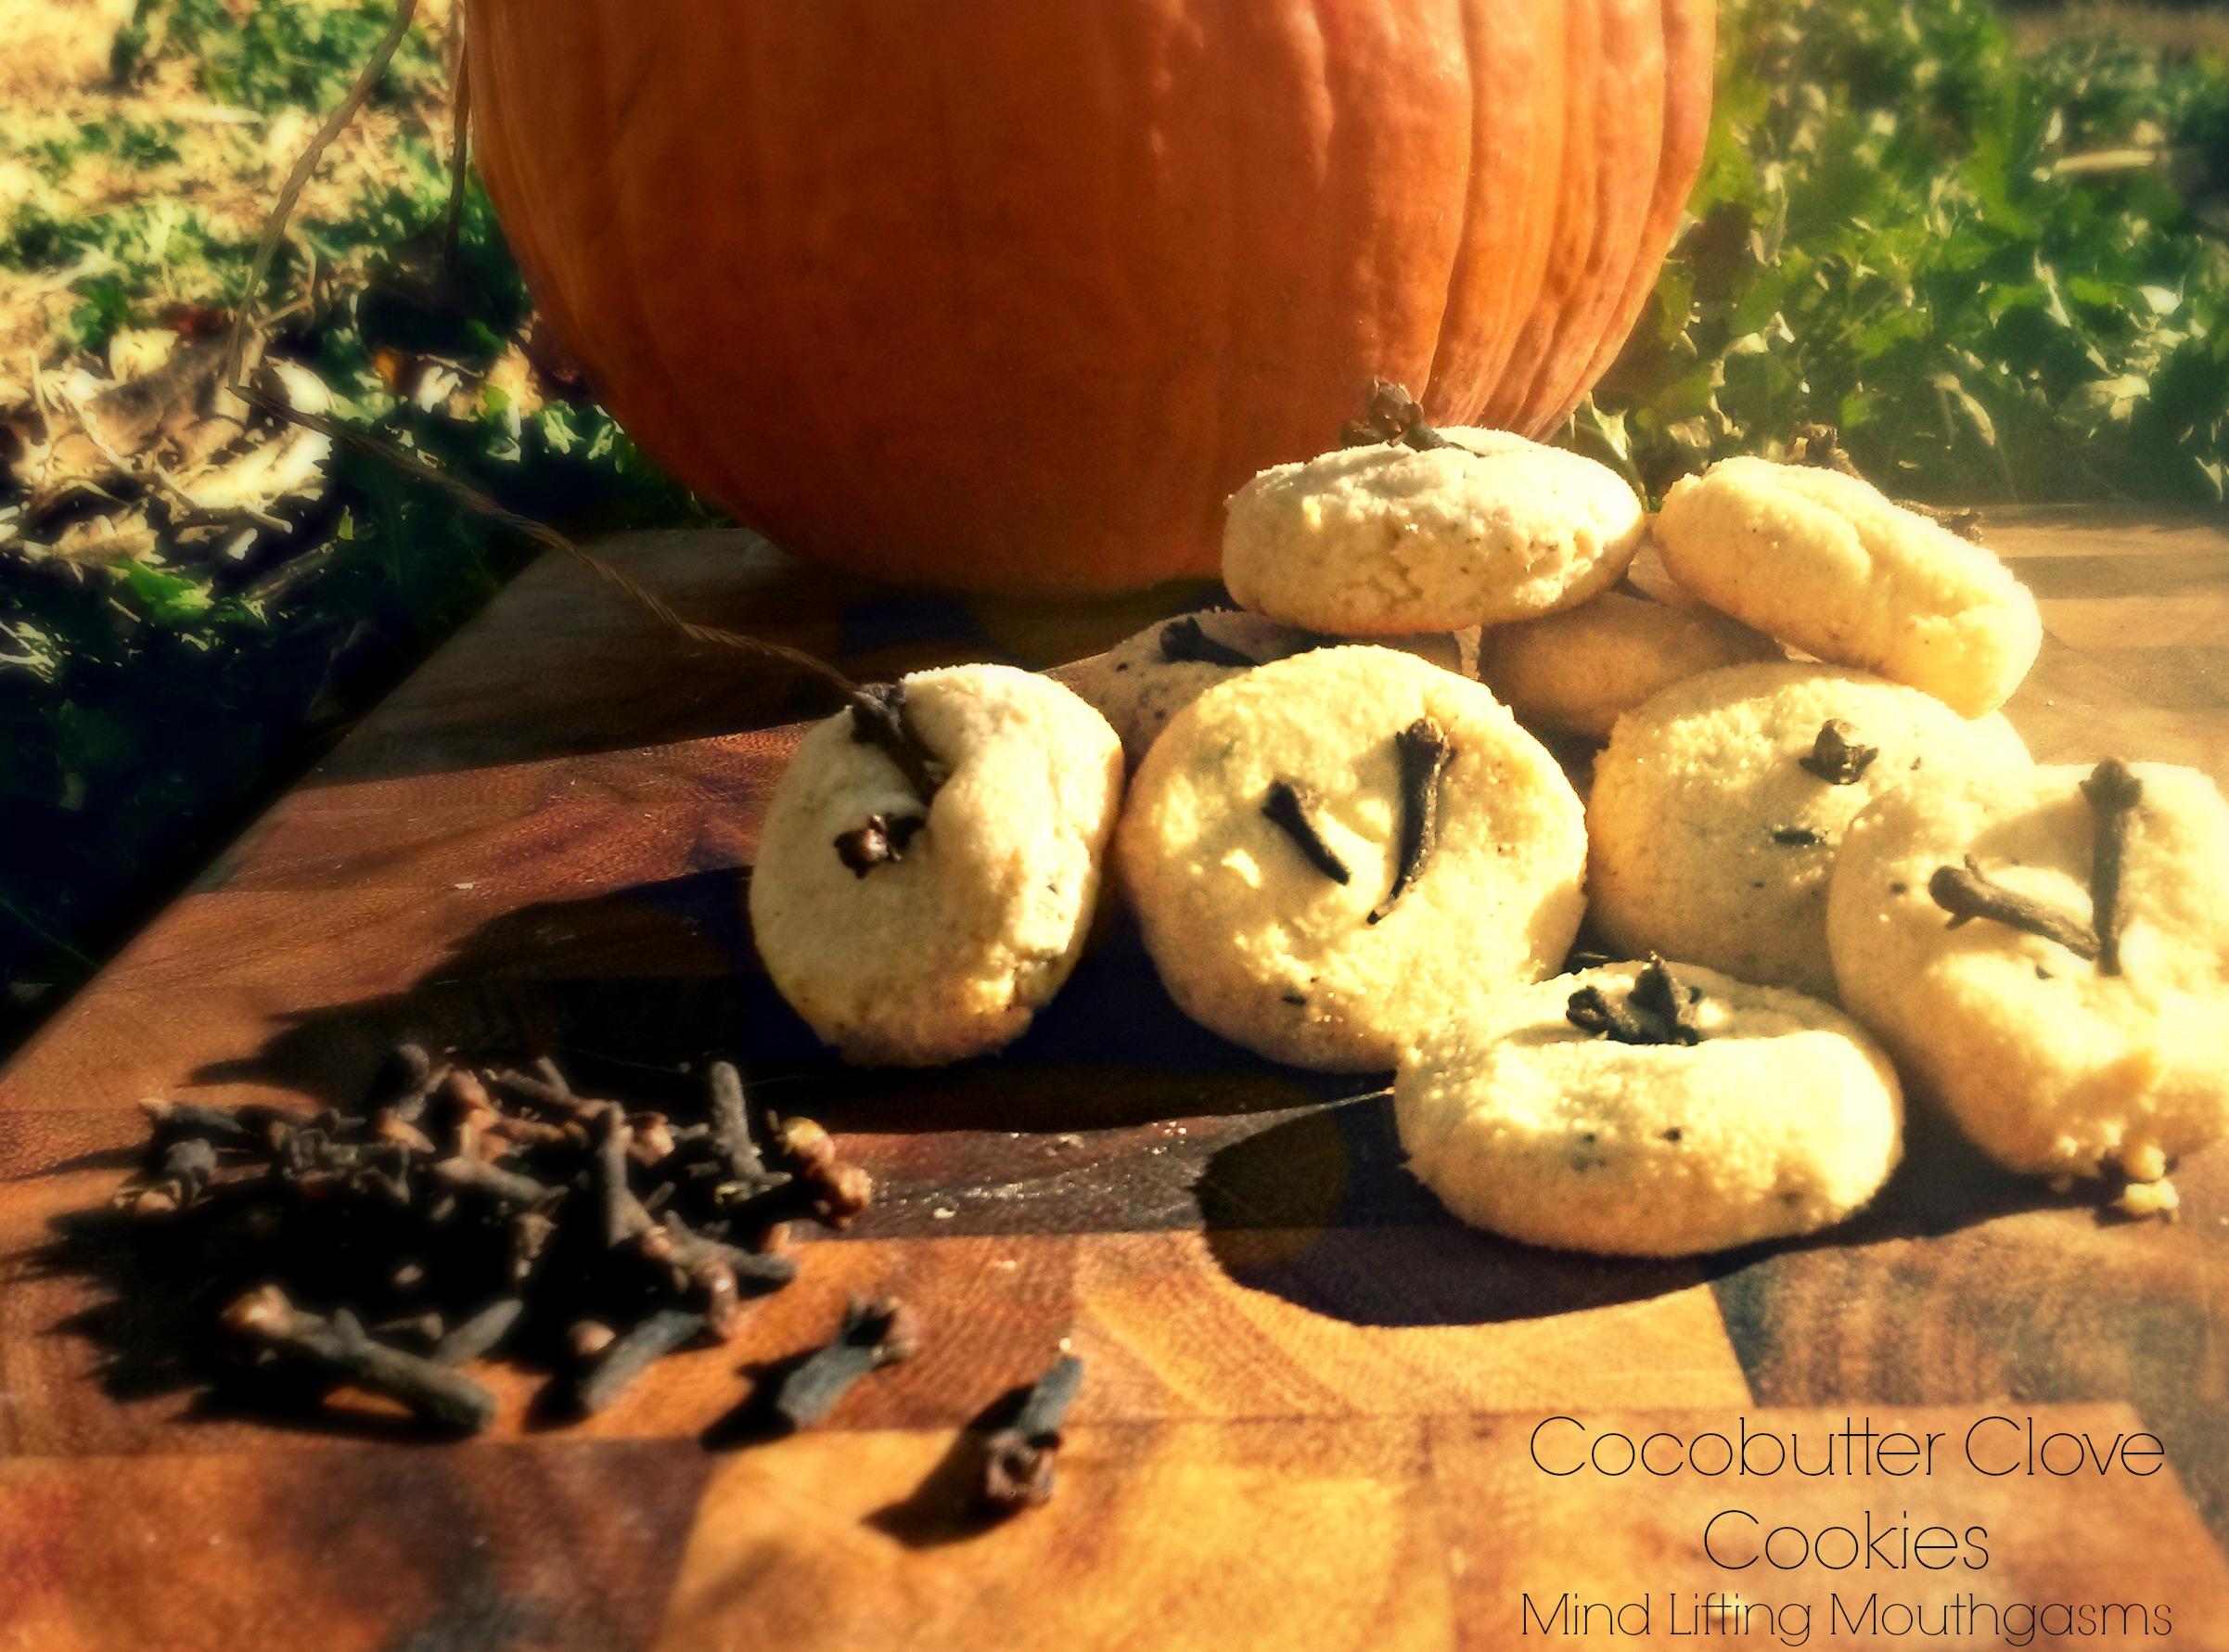 Cocobutter Clove Cookies